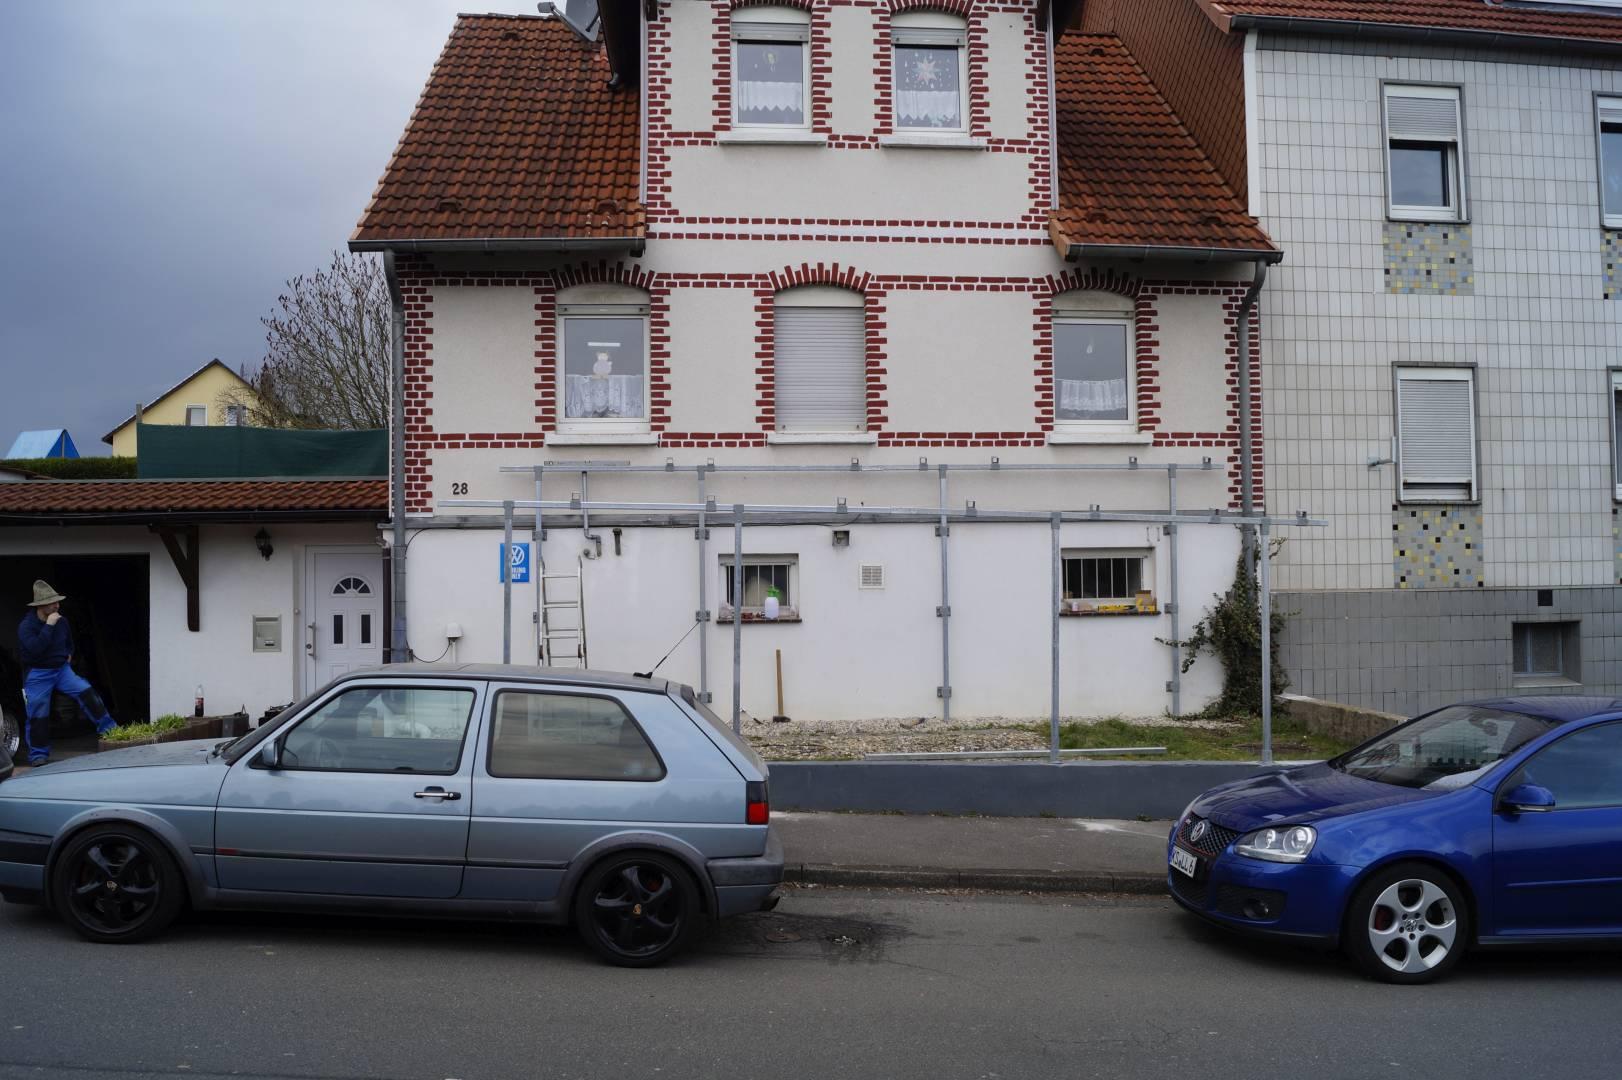 Carport_Aufbau_B02.jpg